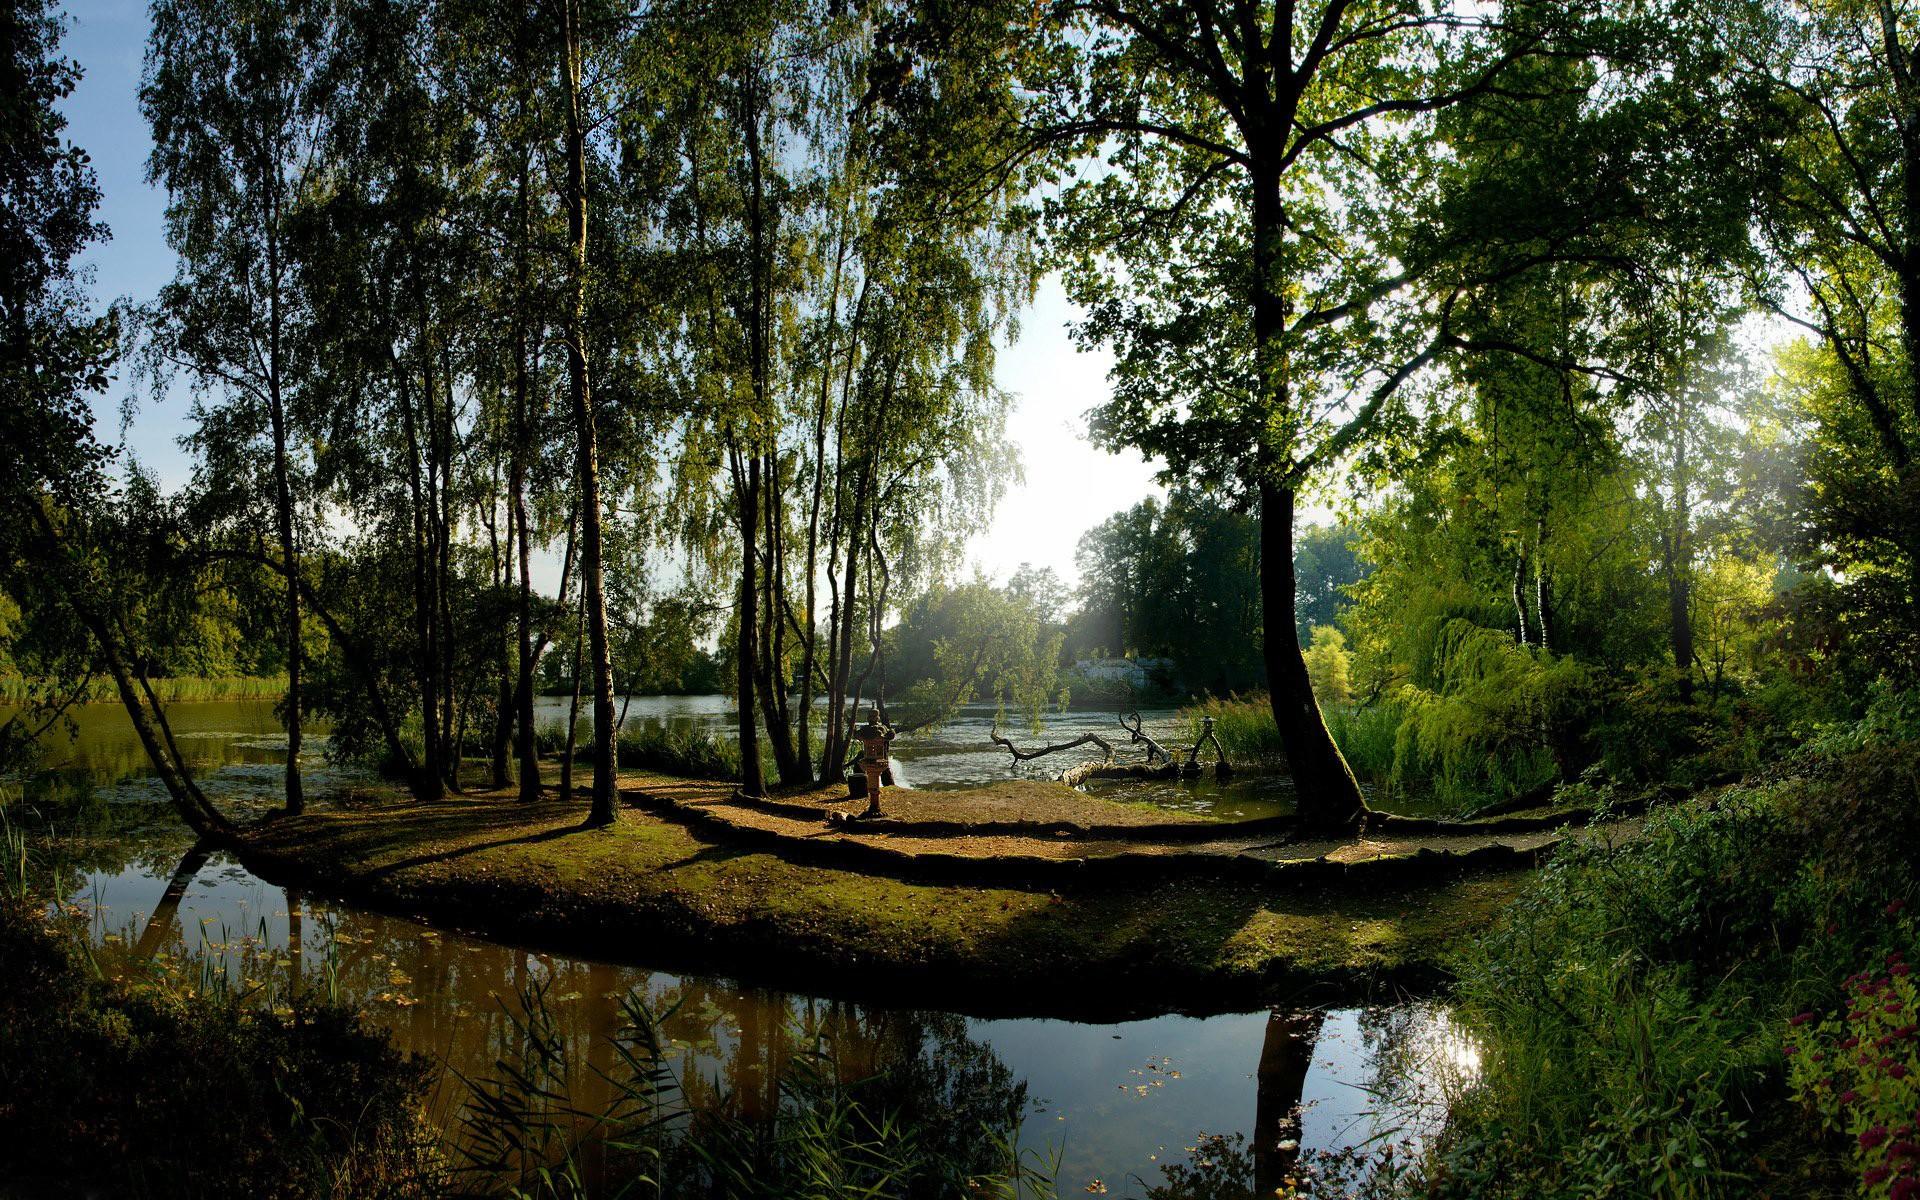 природа солнце озеро отражение деревья бесплатно